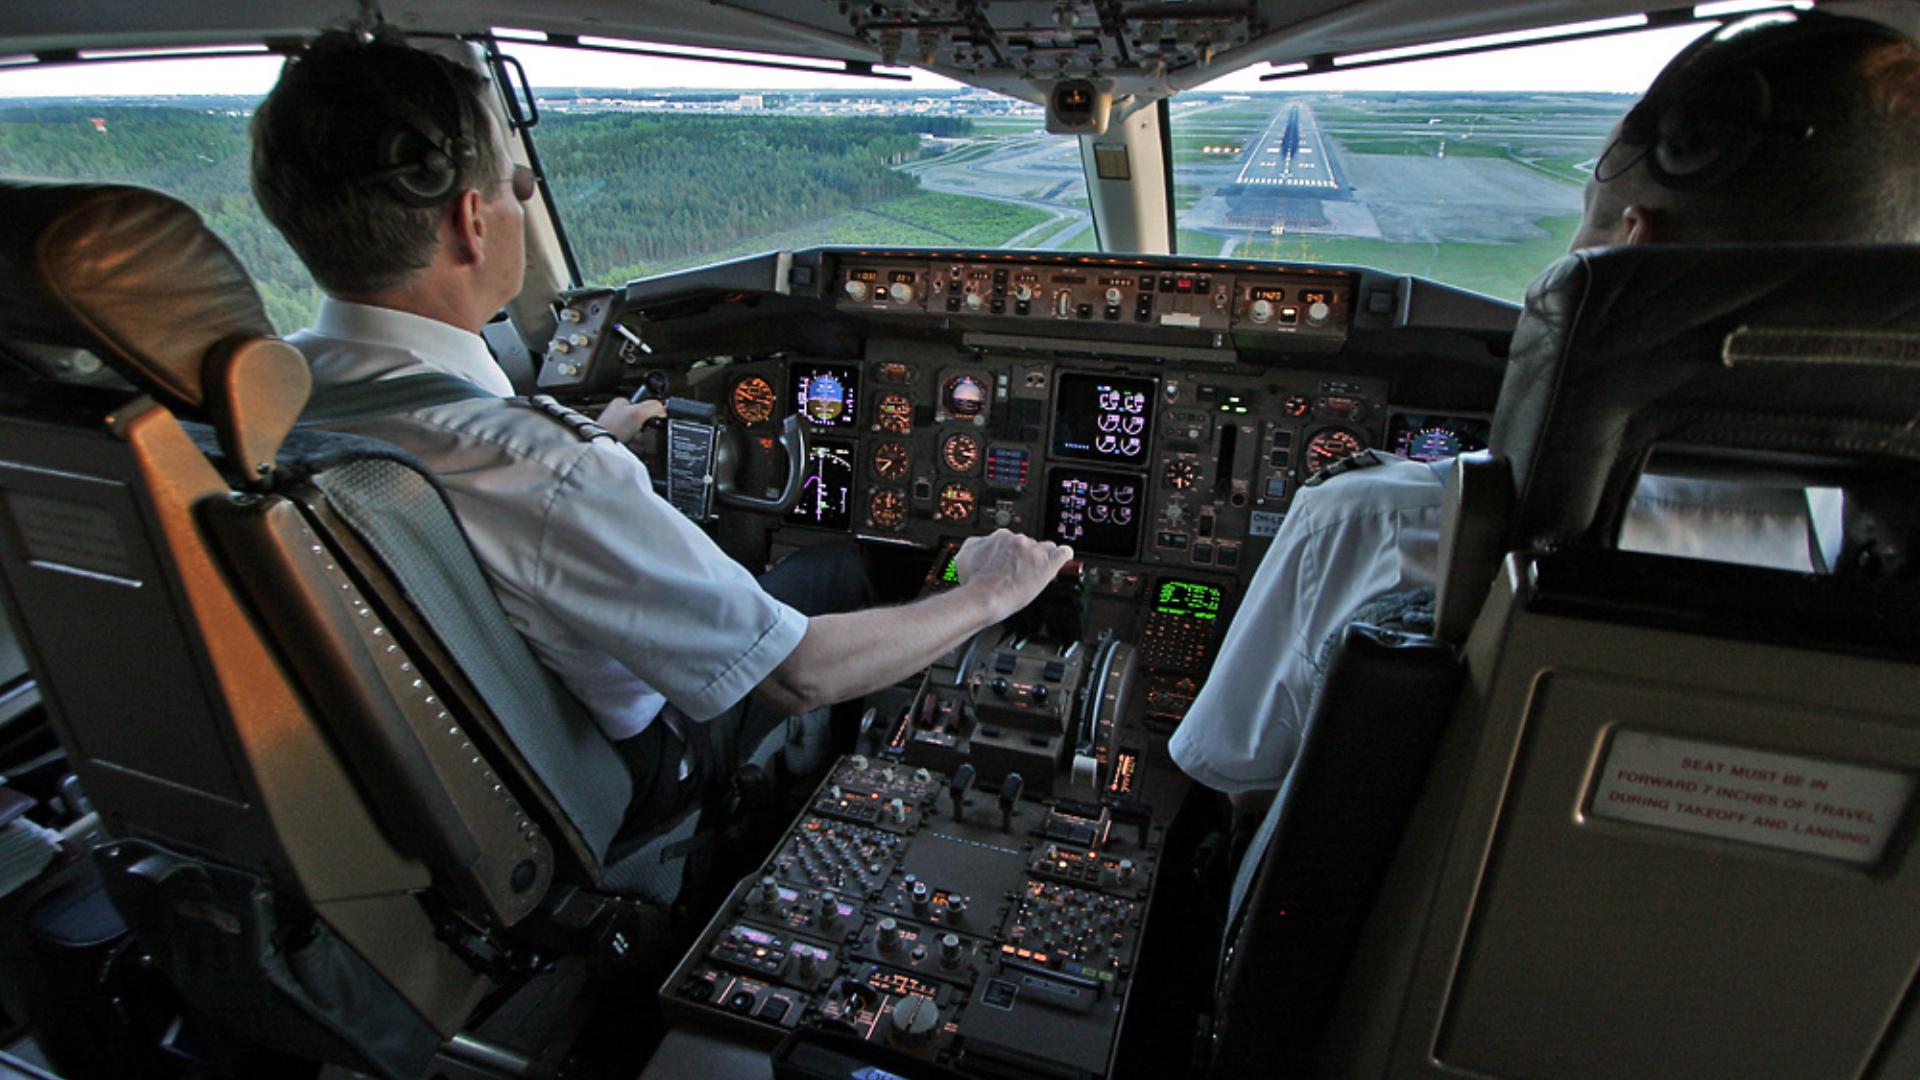 Esta prohibido para todo pasajero entrar a la cabina de los pilotos, por cuestiones de seguridad (Istock)